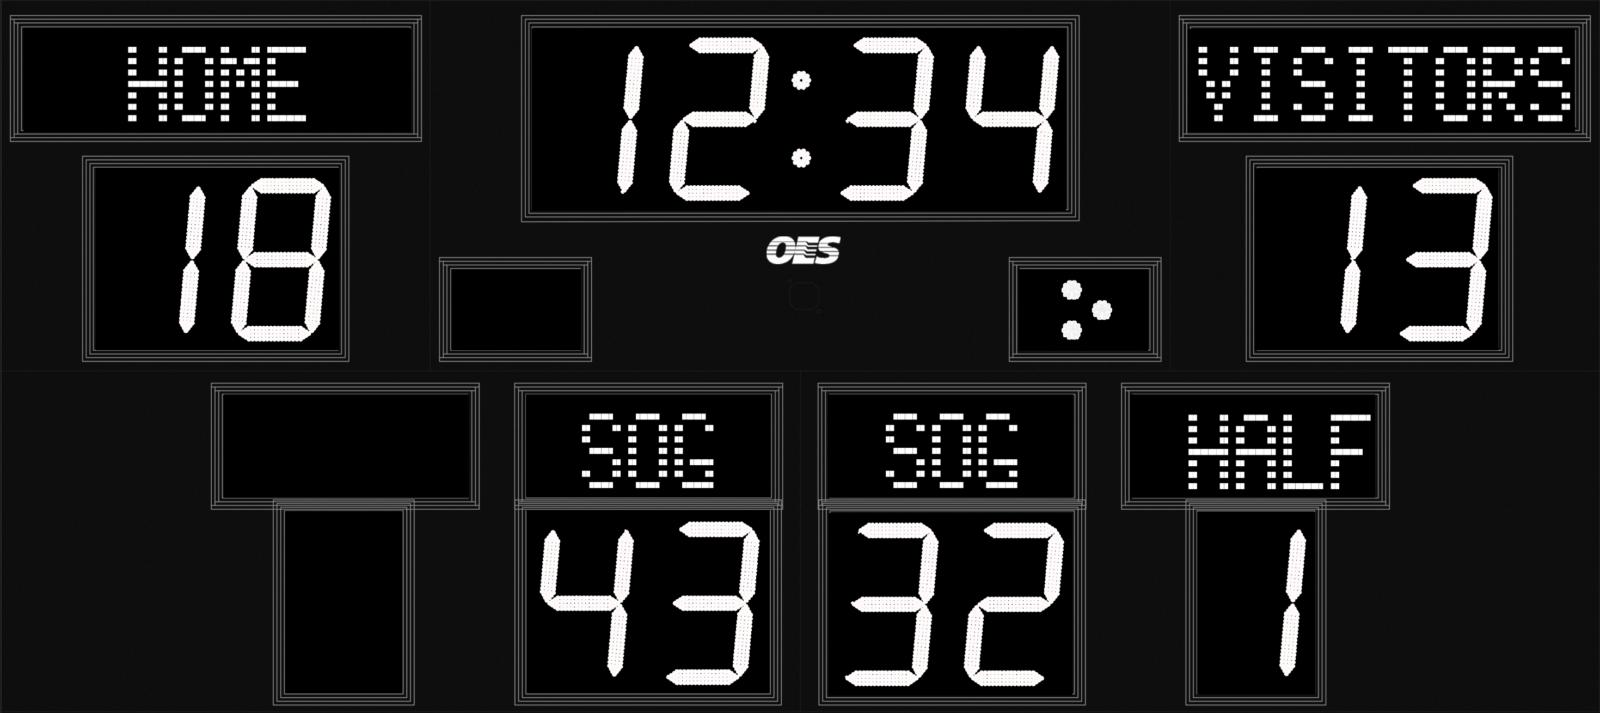 black and white scoreboard